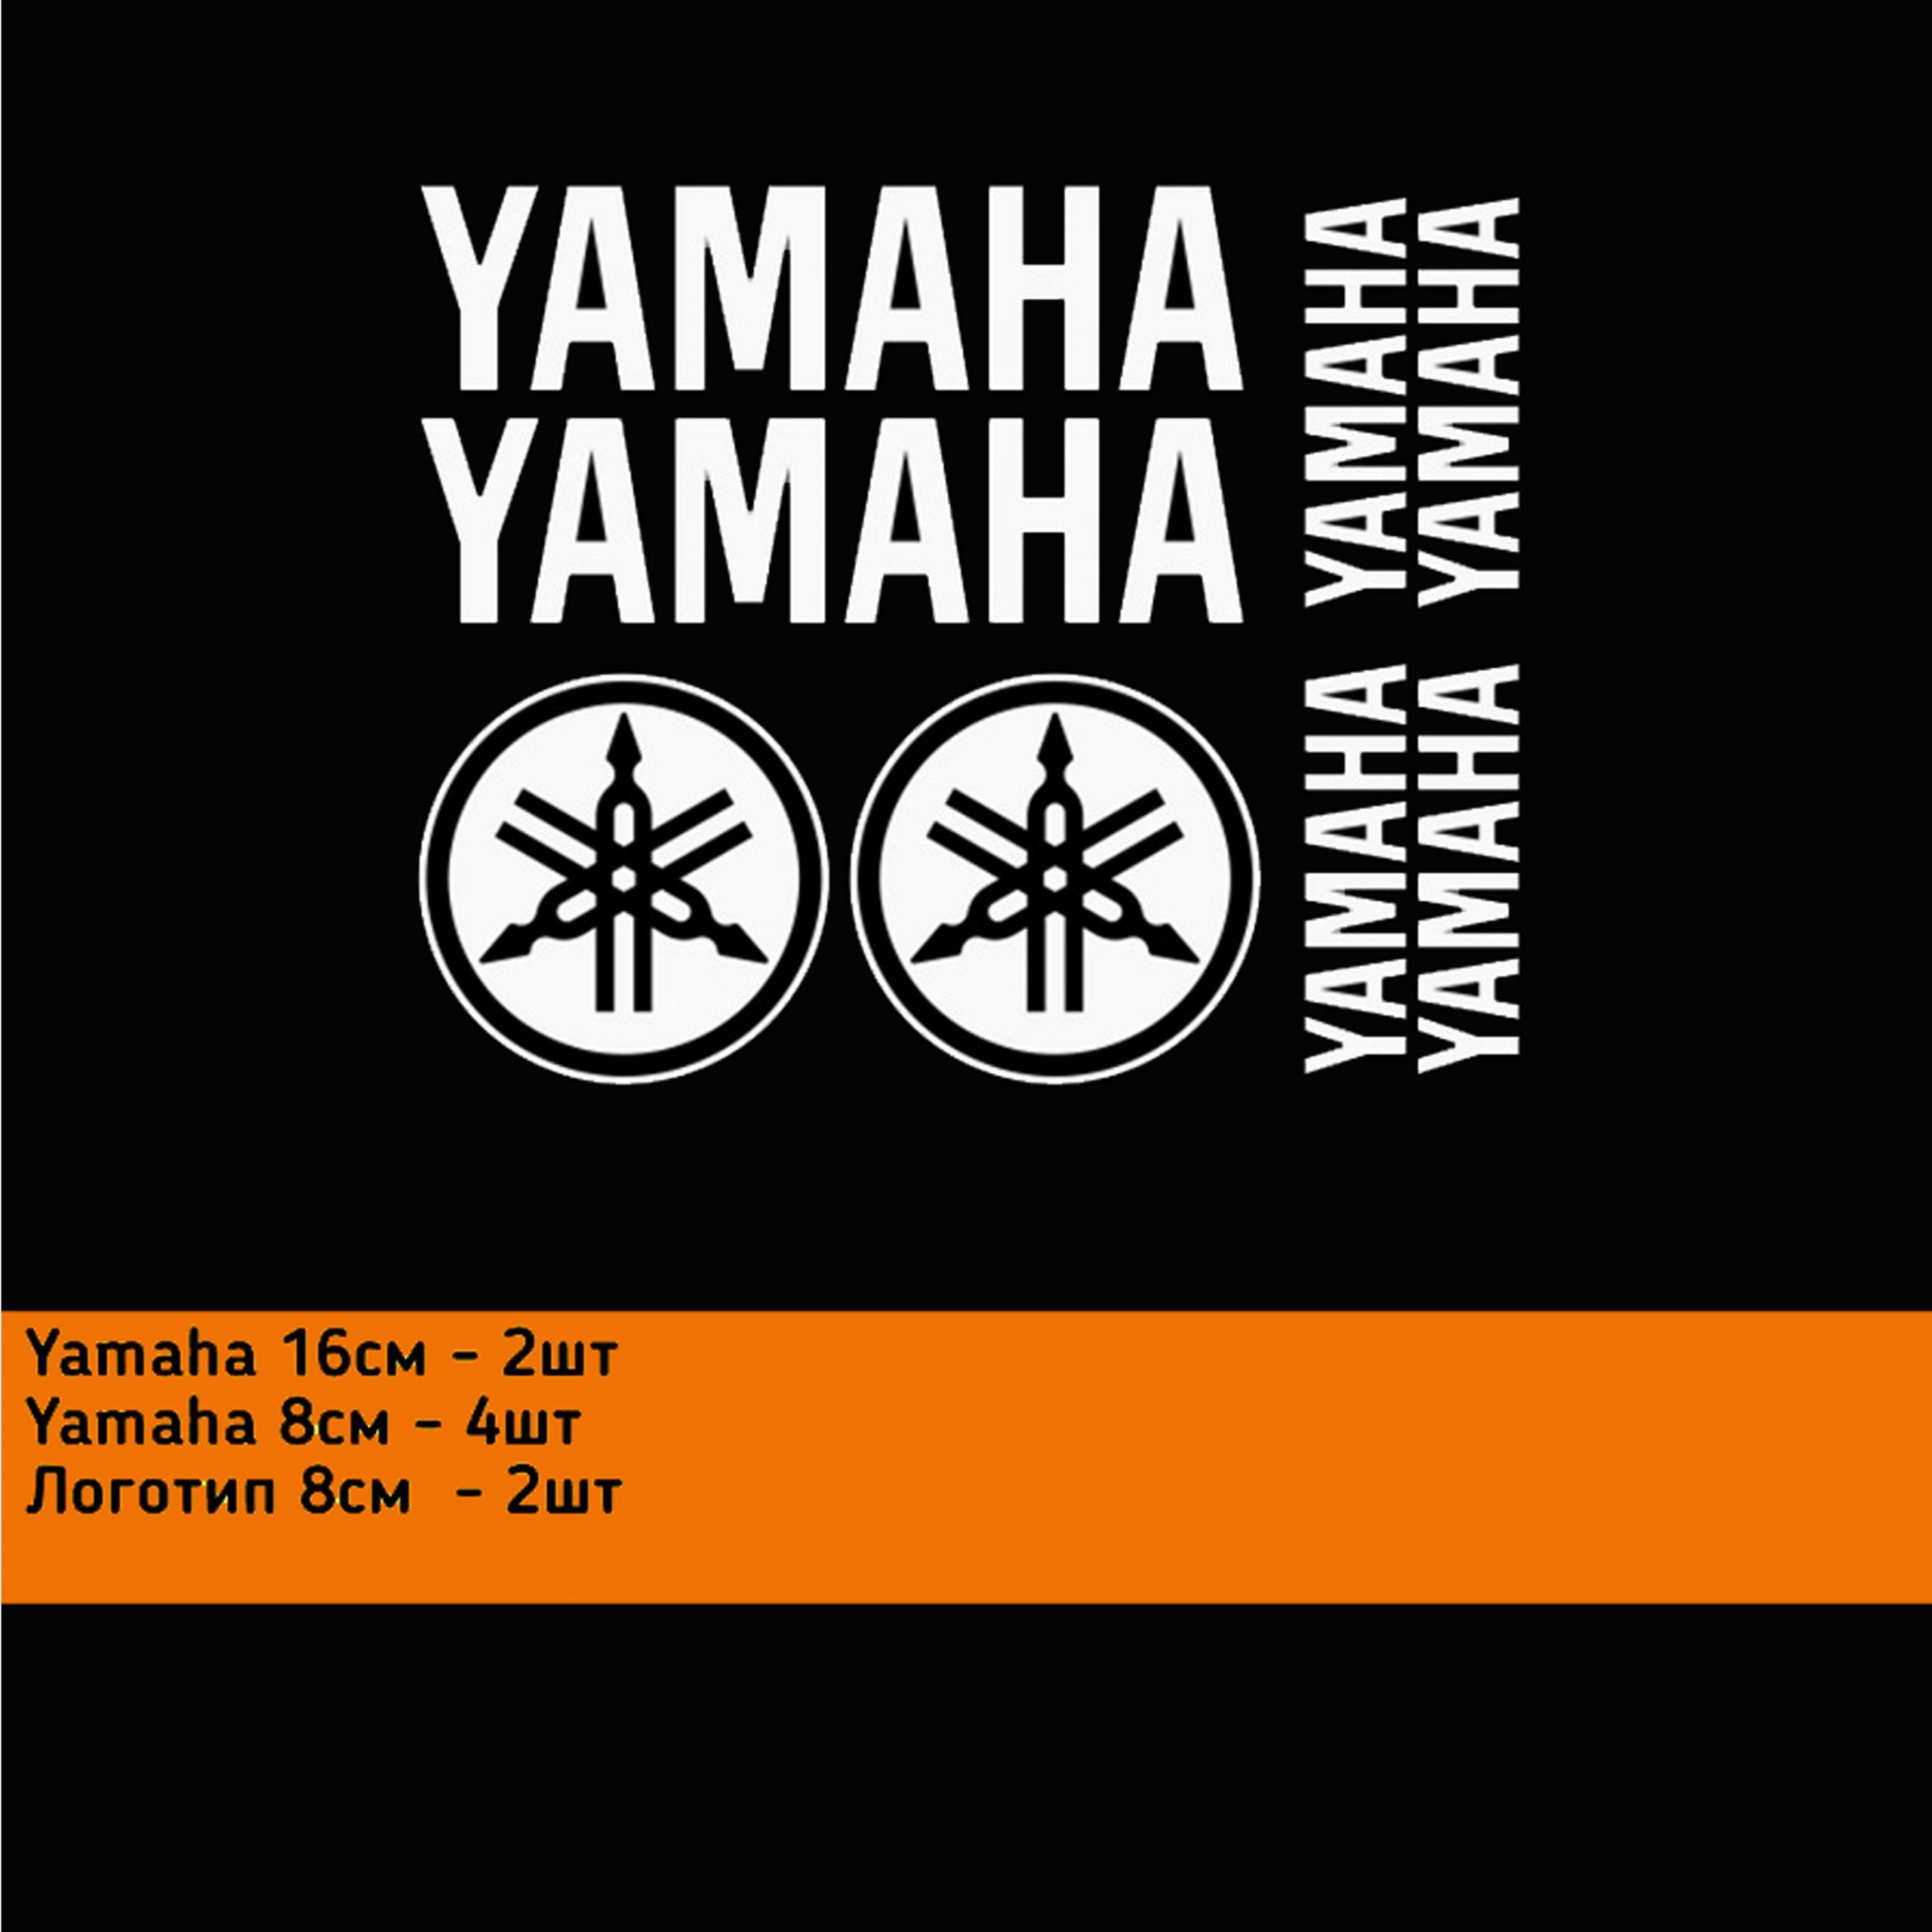 наклейки на yamaha